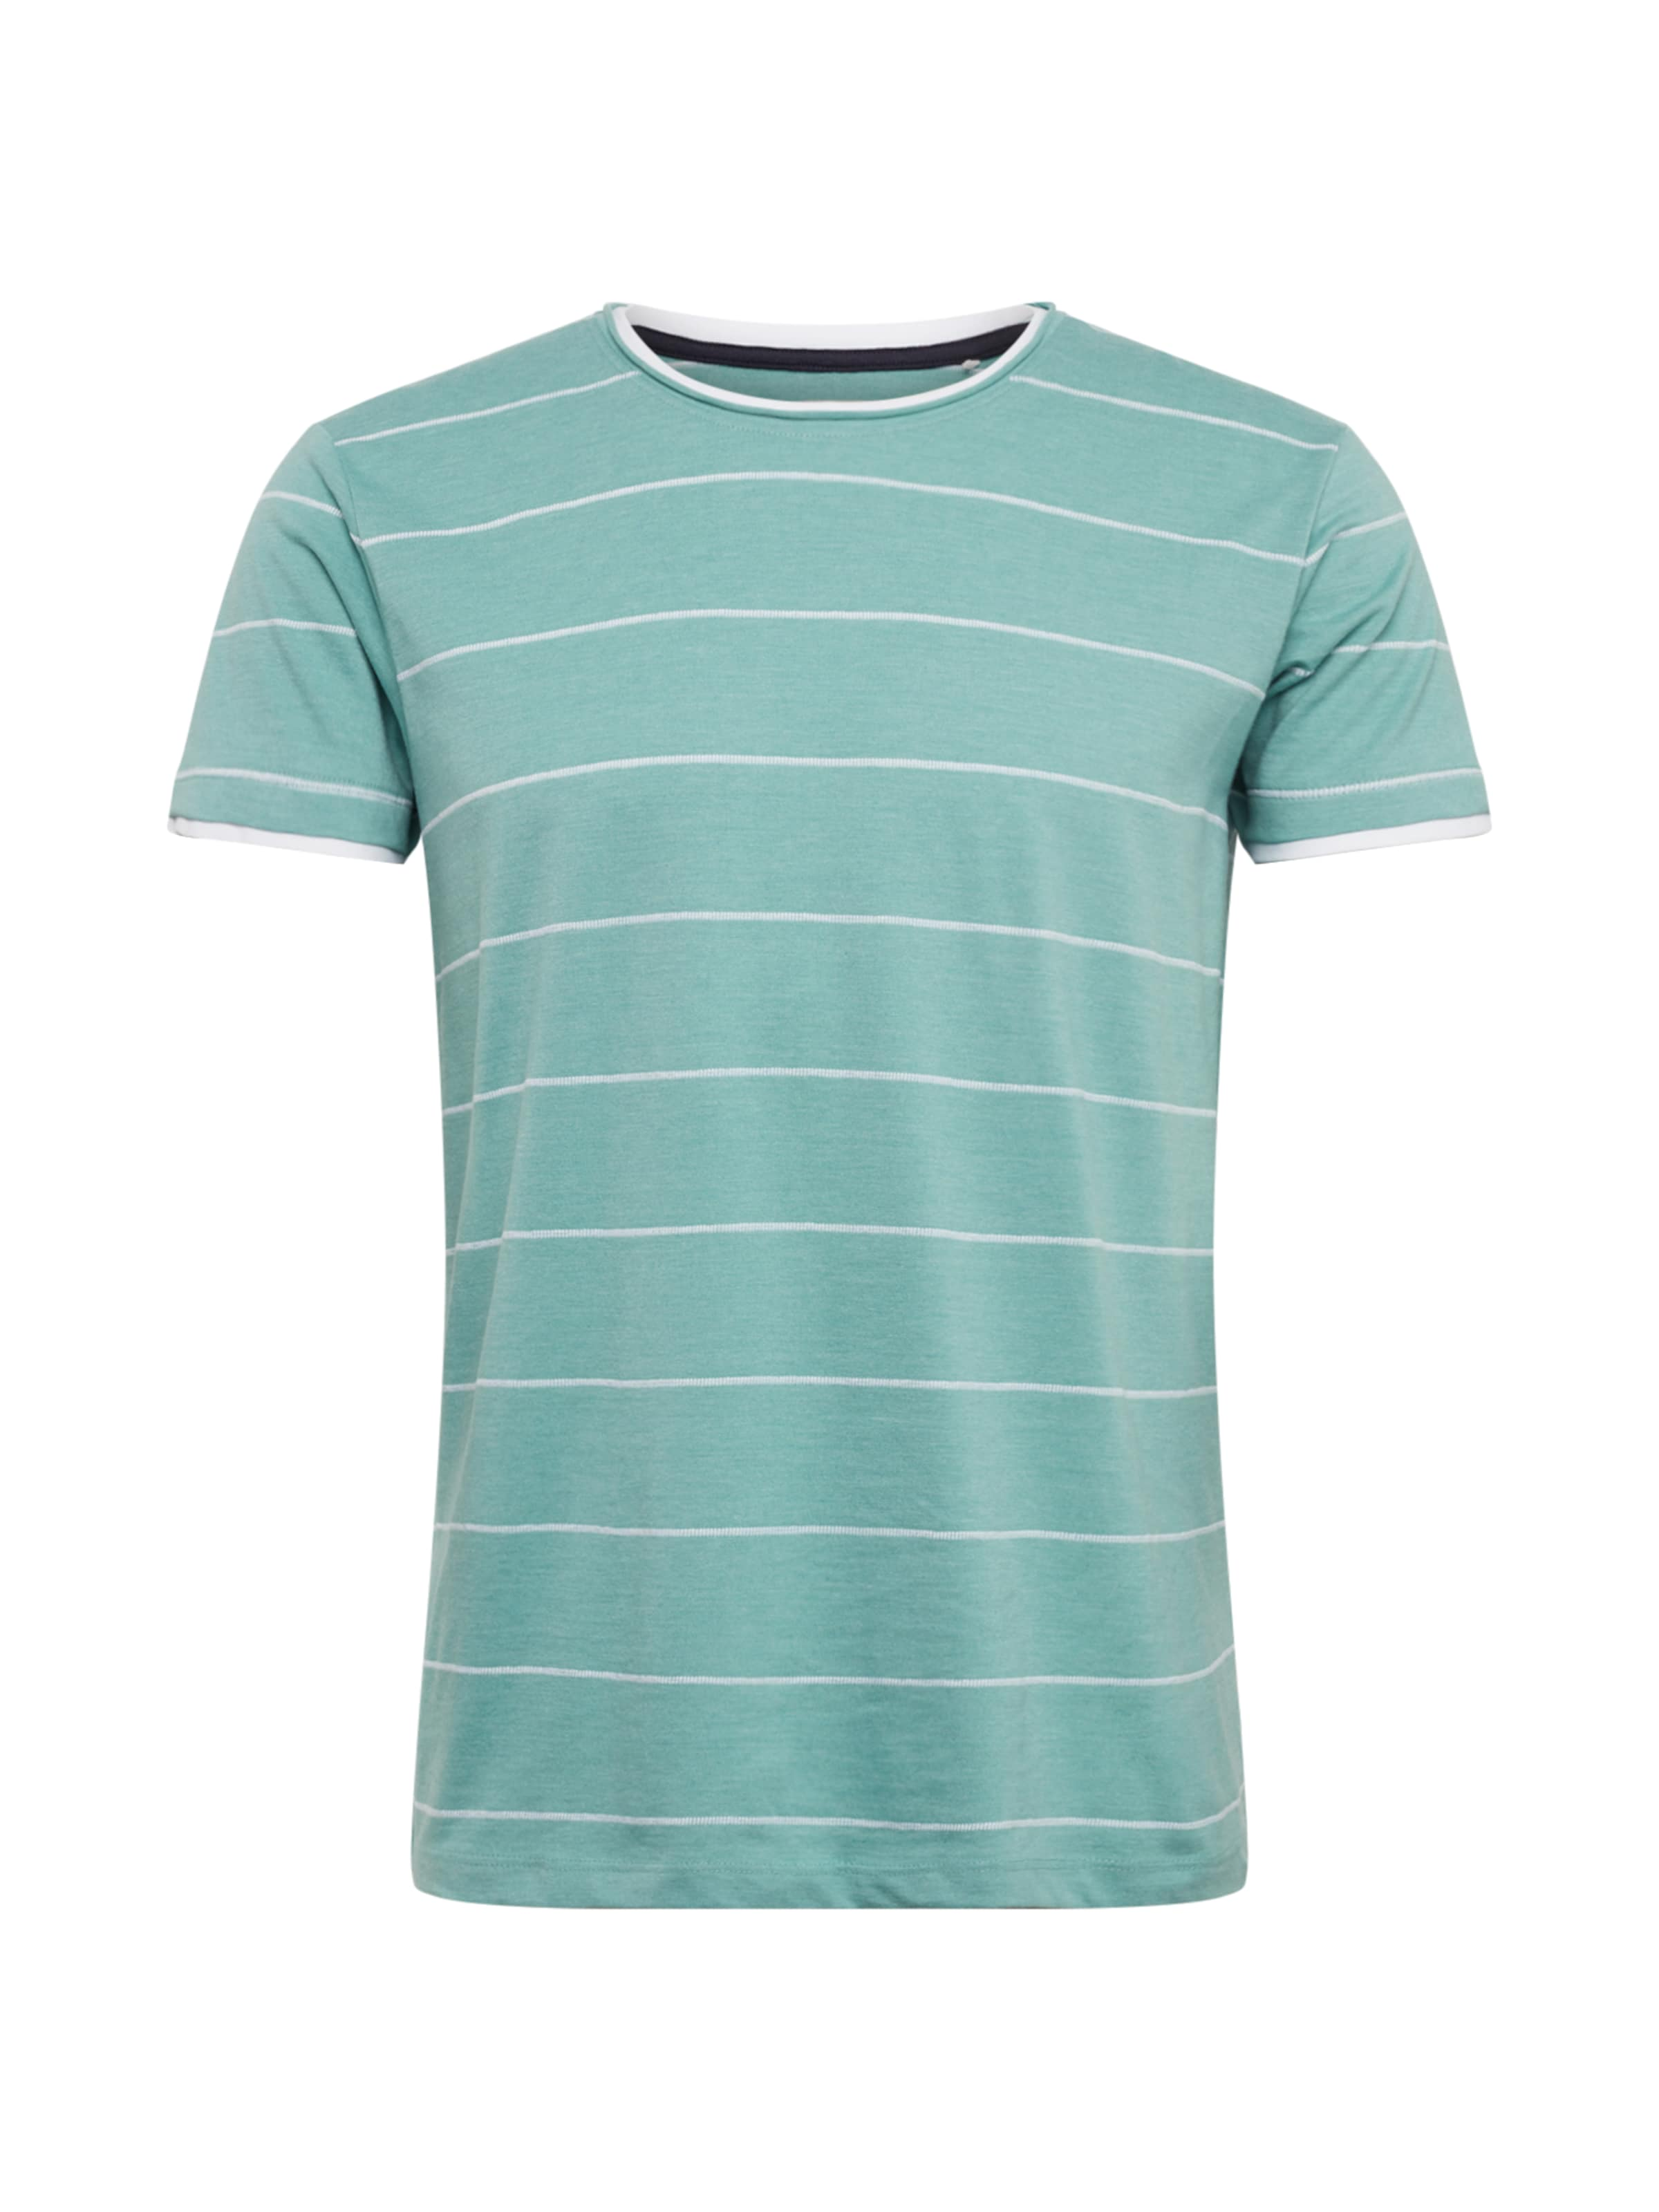 By 'sg Shirt In Esprit JadeWeiß 069cc2k003' Edc Oy08PwmnvN